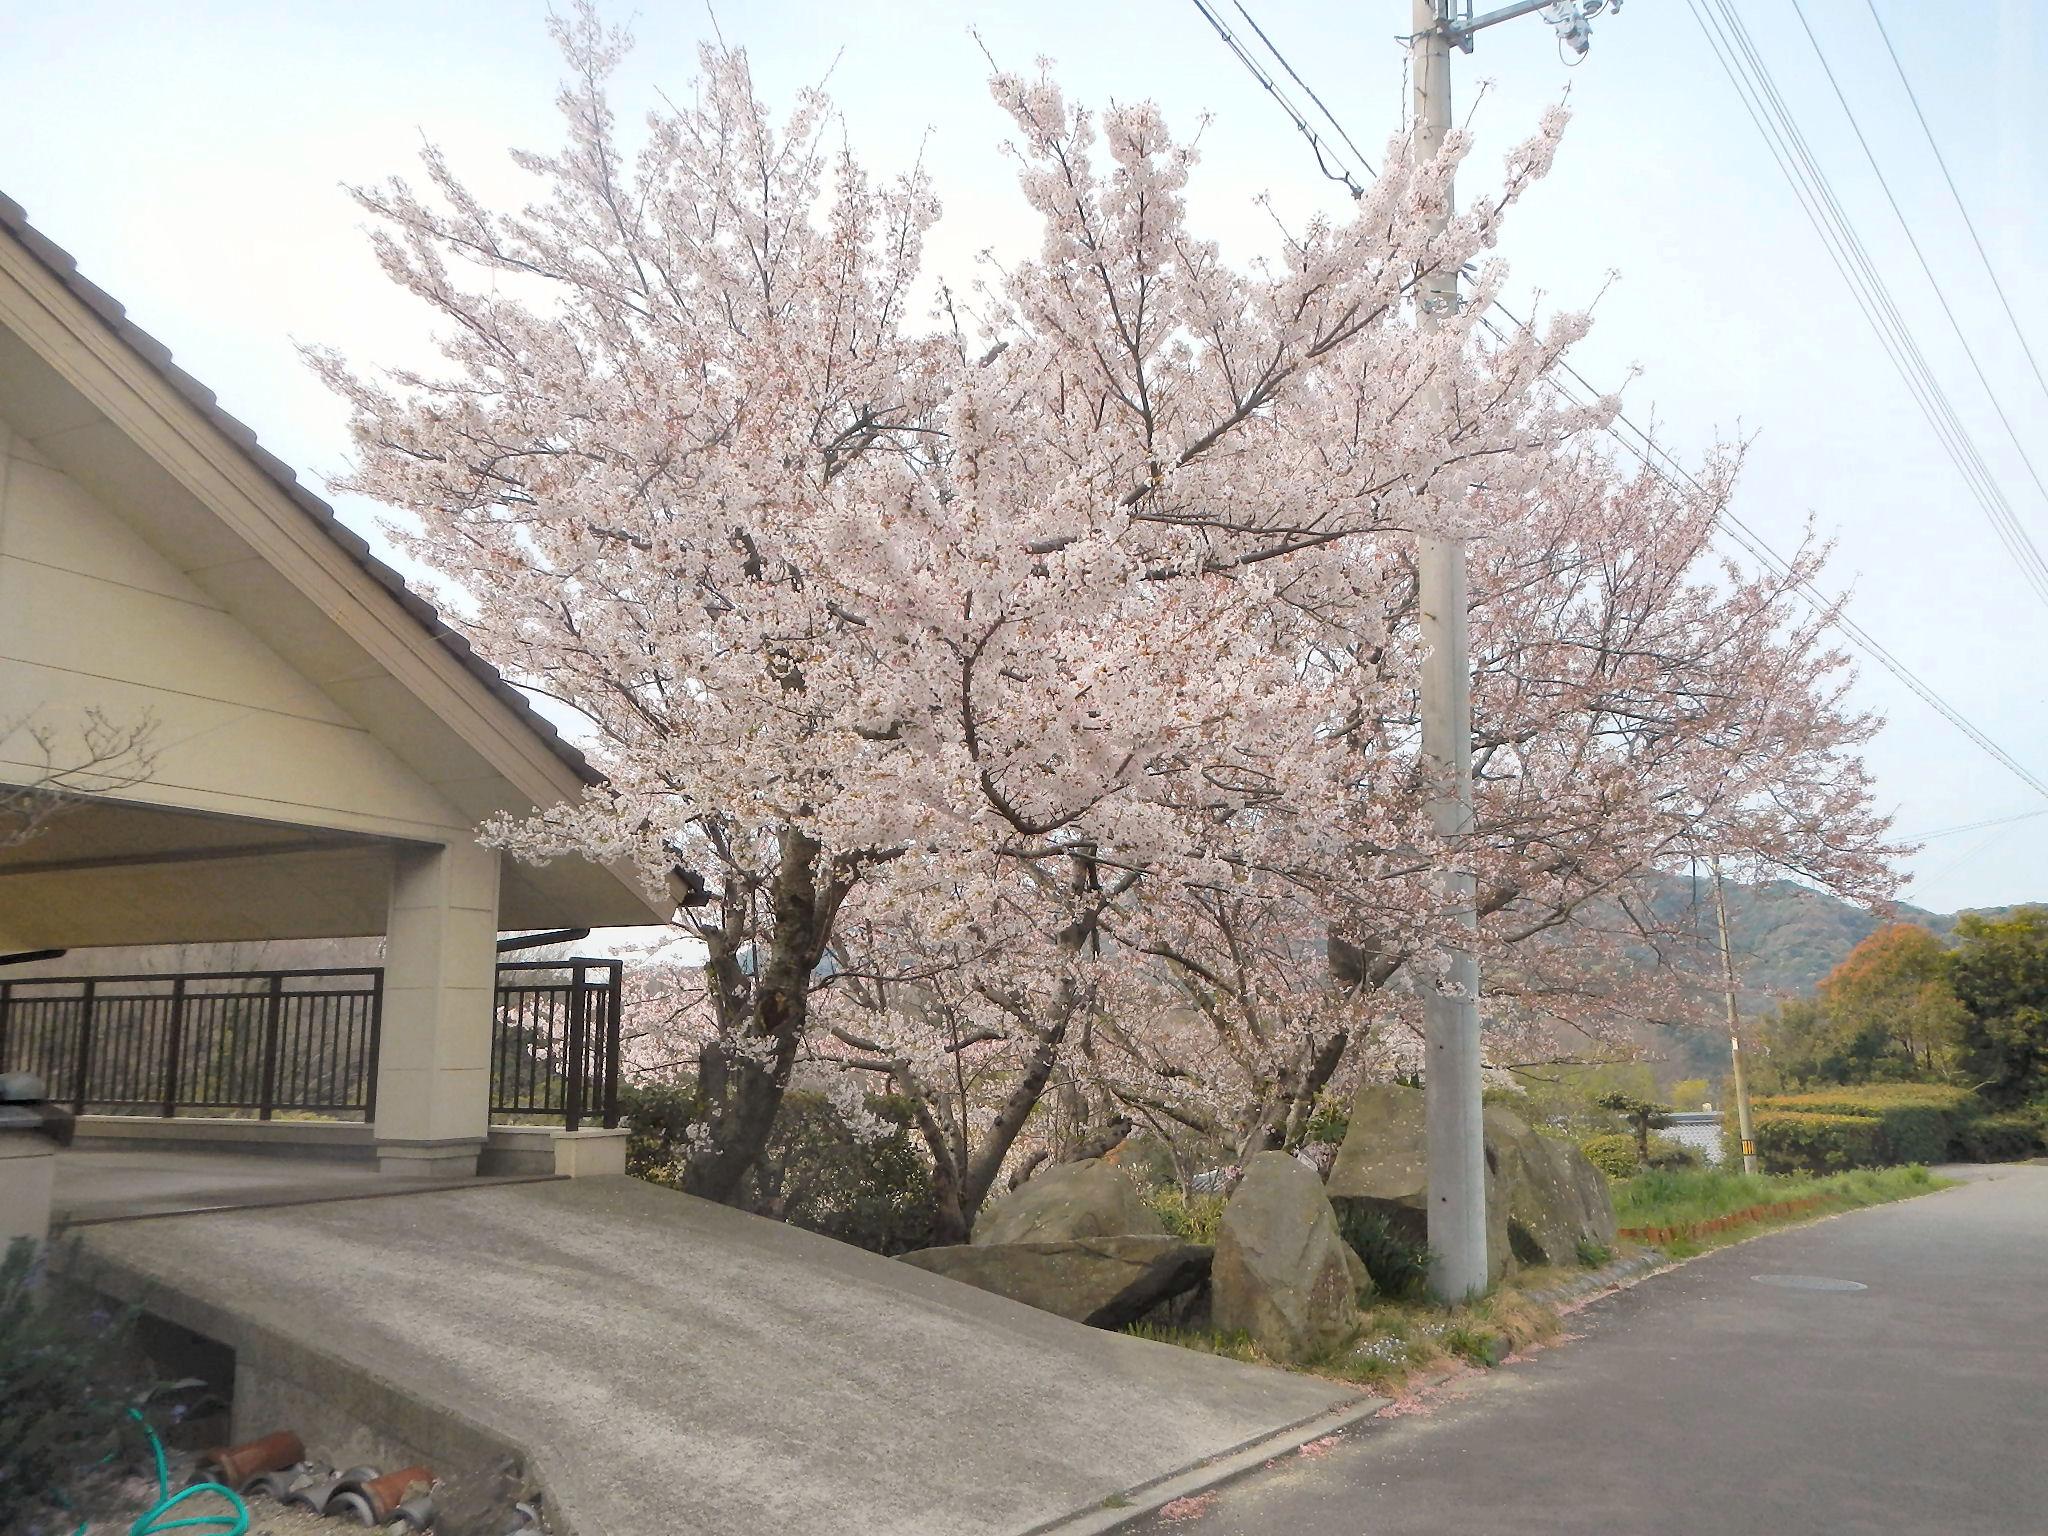 キラキラスポット近くの桜。だんじり祭の頃はまだ咲いていませんでしたが、本当にきれいな桜です。